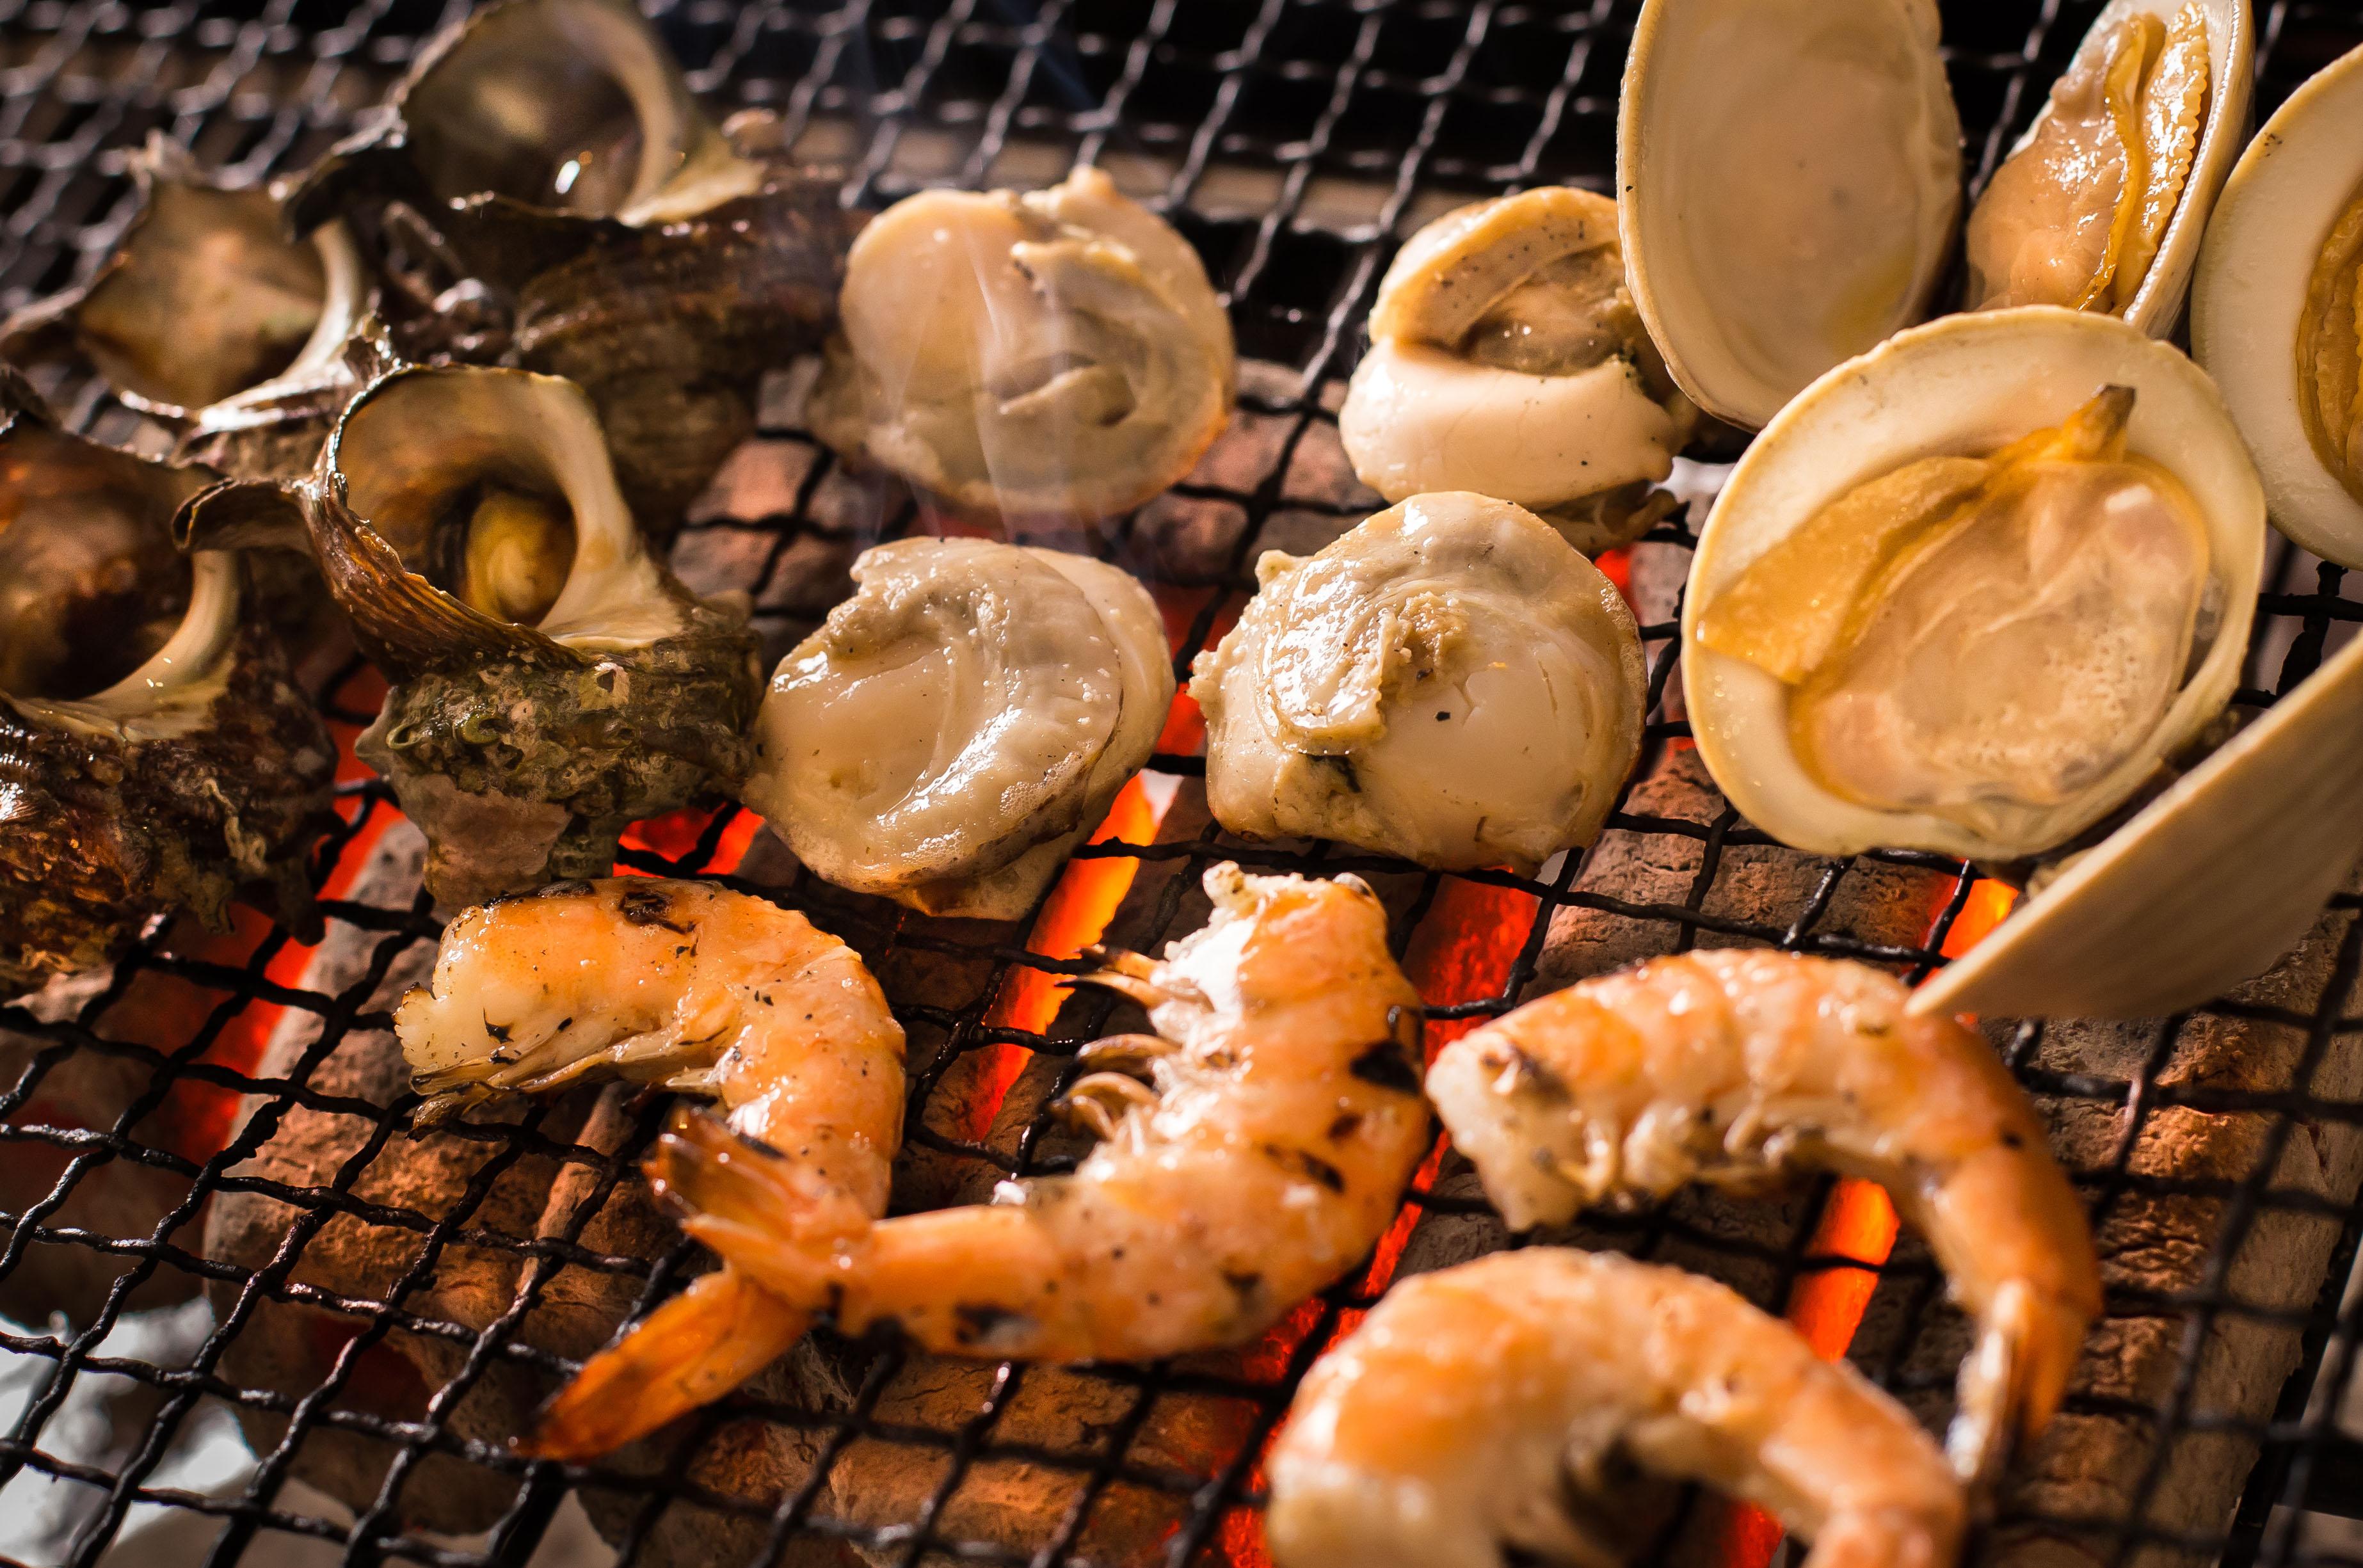 【7月ディナー】海鮮炭火焼ディナー ~海鮮・旬野菜の炭火焼&ラクレットチーズ~